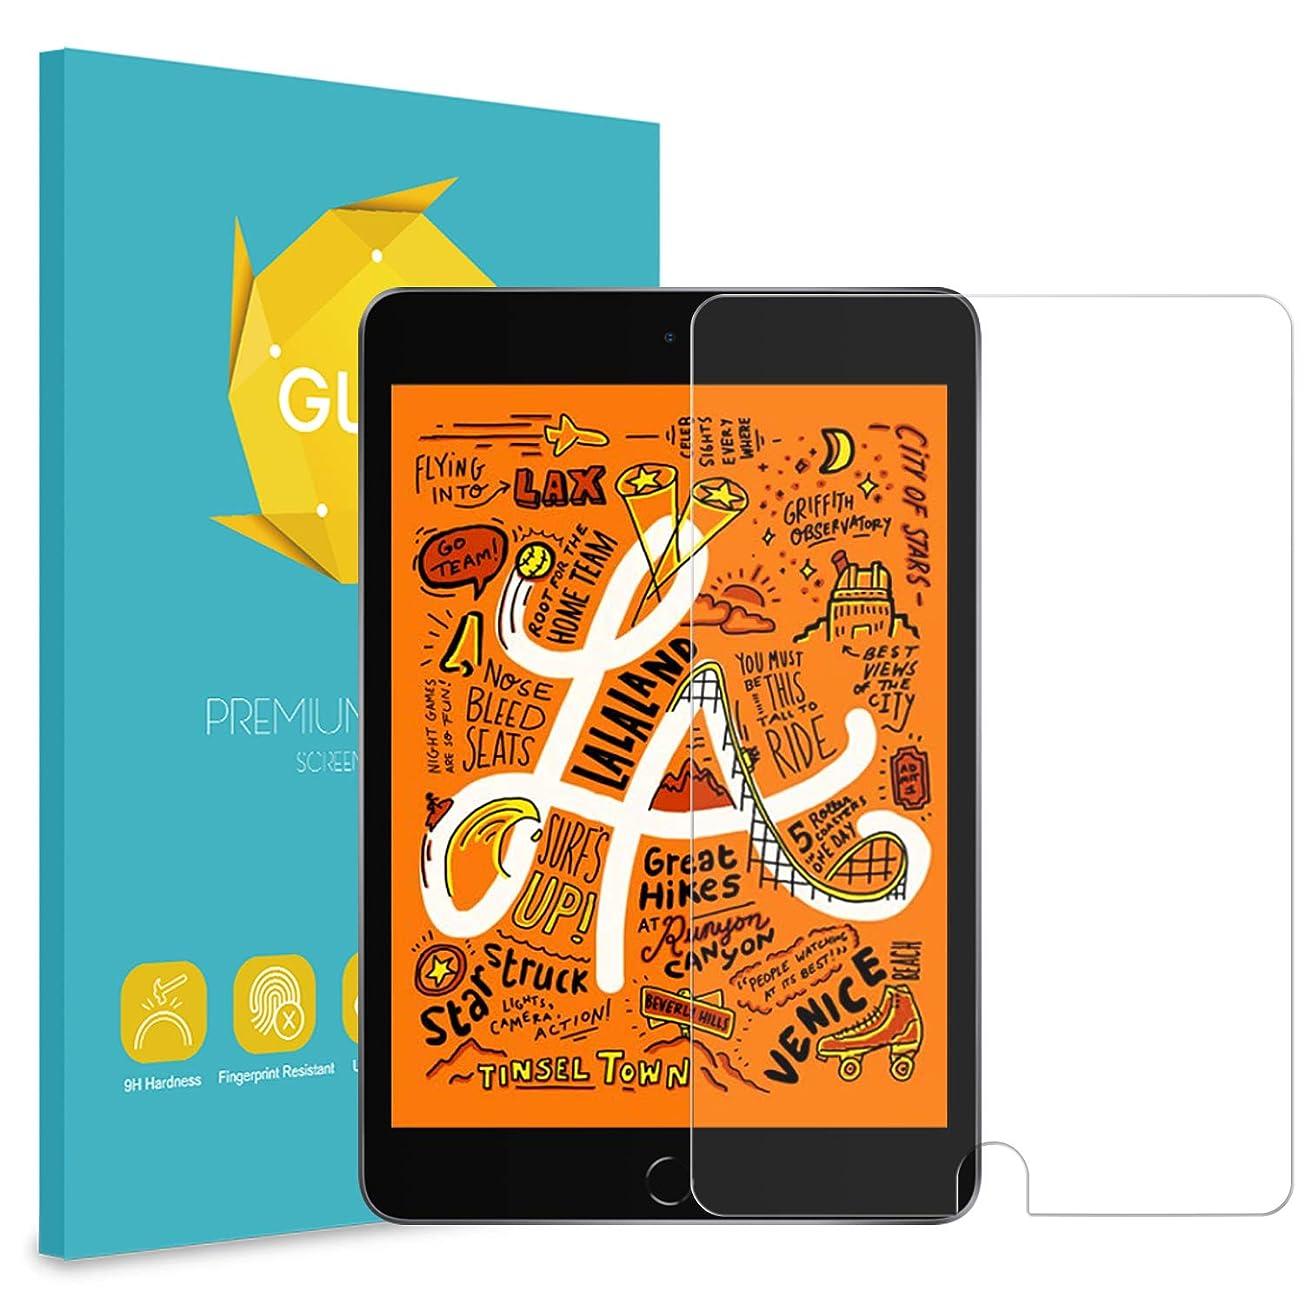 憲法アームストロング兵士Fintie for iPad Mini 5 2019 / iPad Mini 4 ガラスフィルム iPad Mini 5 フィルム 強化ガラス 硬度9H 高感度 高透過率 指紋 スクラッチ防止 飛散防止 Apple iPad Mini (第5世代) 7.9 インチ 2019 / iPad Mini 4 2015 専用 液晶保護フィルム